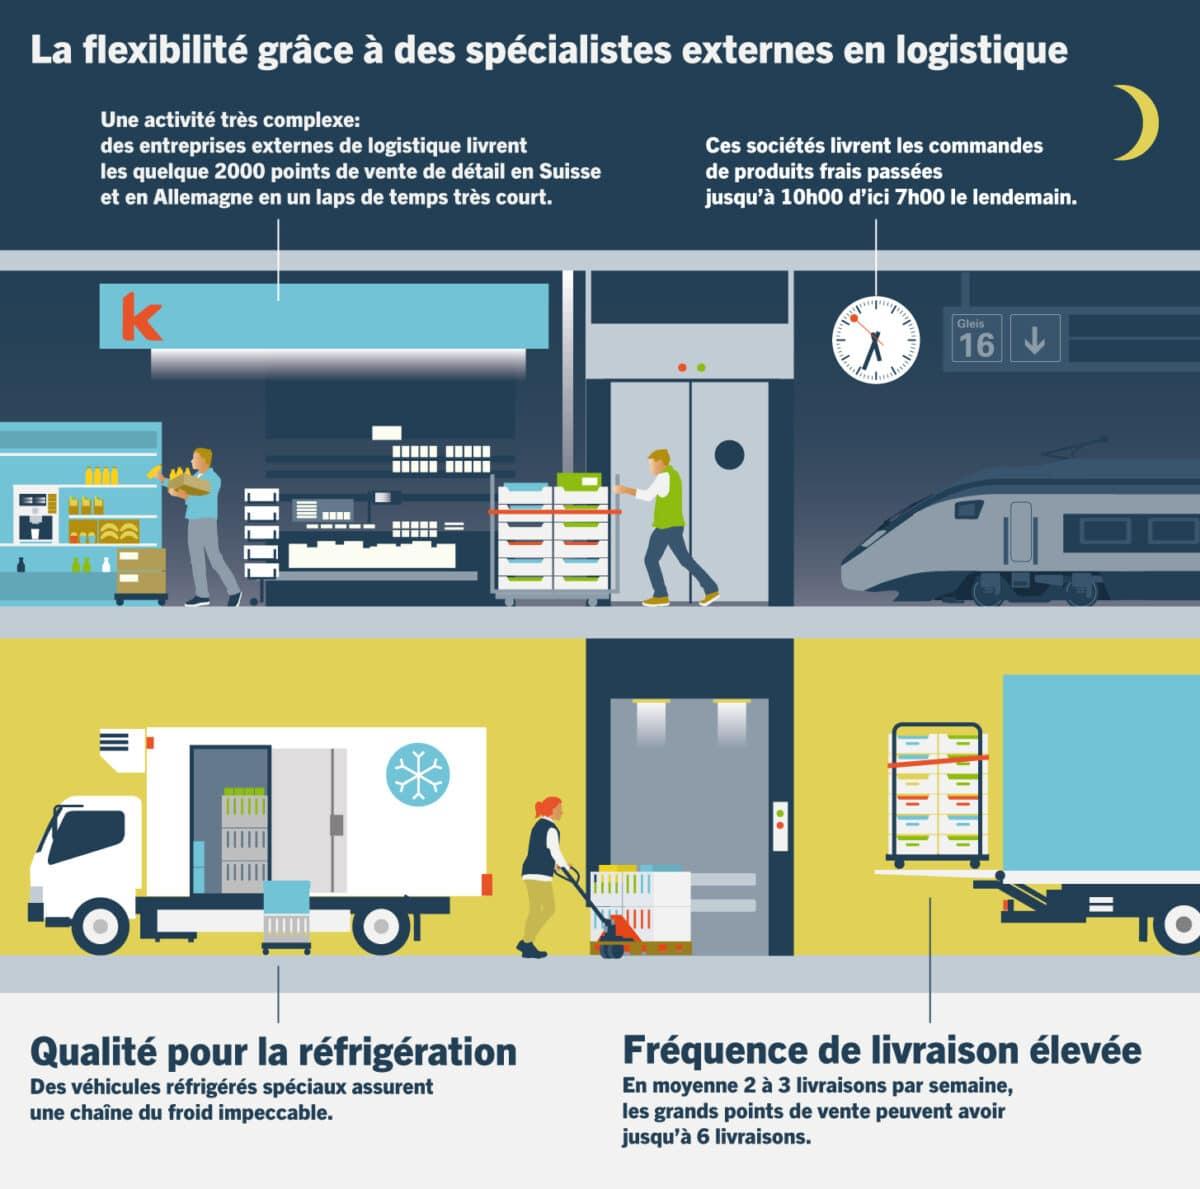 Illustration Retail Flexibel FR